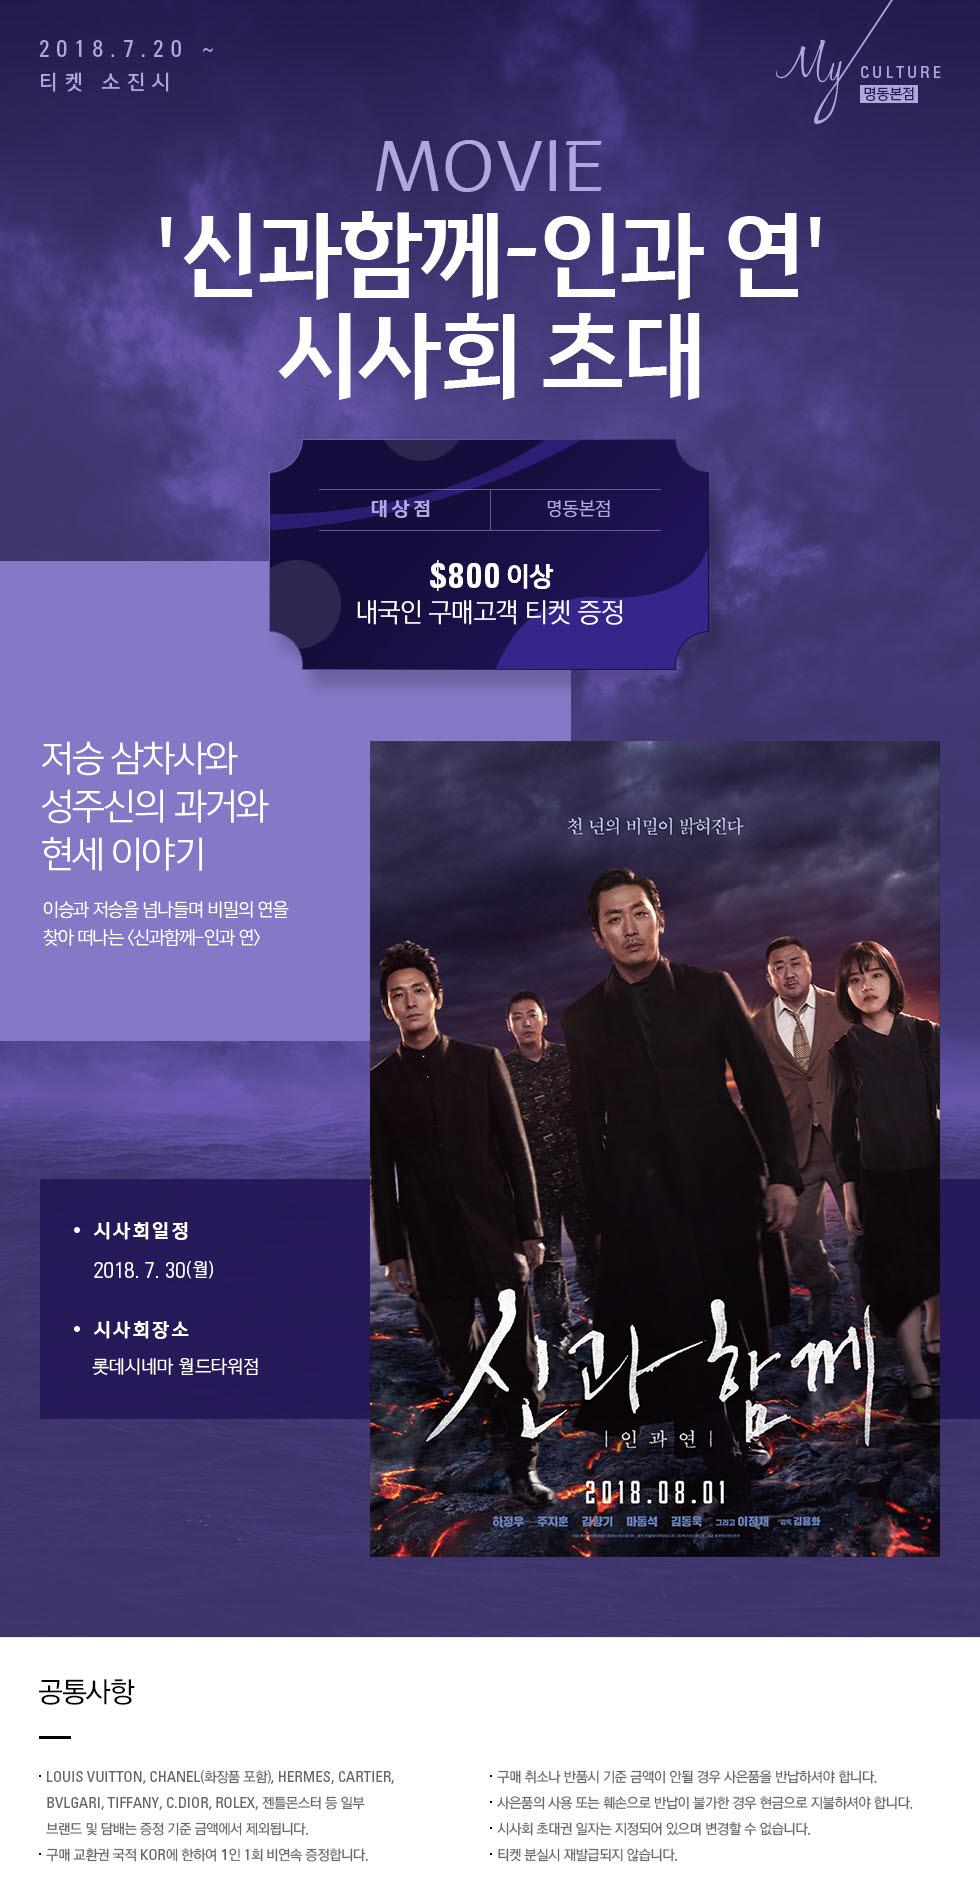 영화「신과함께-인과 연」시사회 초대